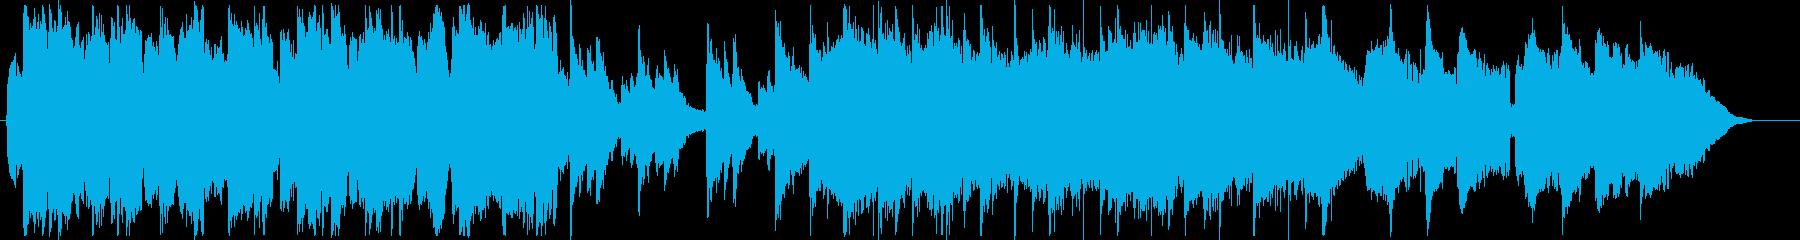 和風テイストのインストの再生済みの波形